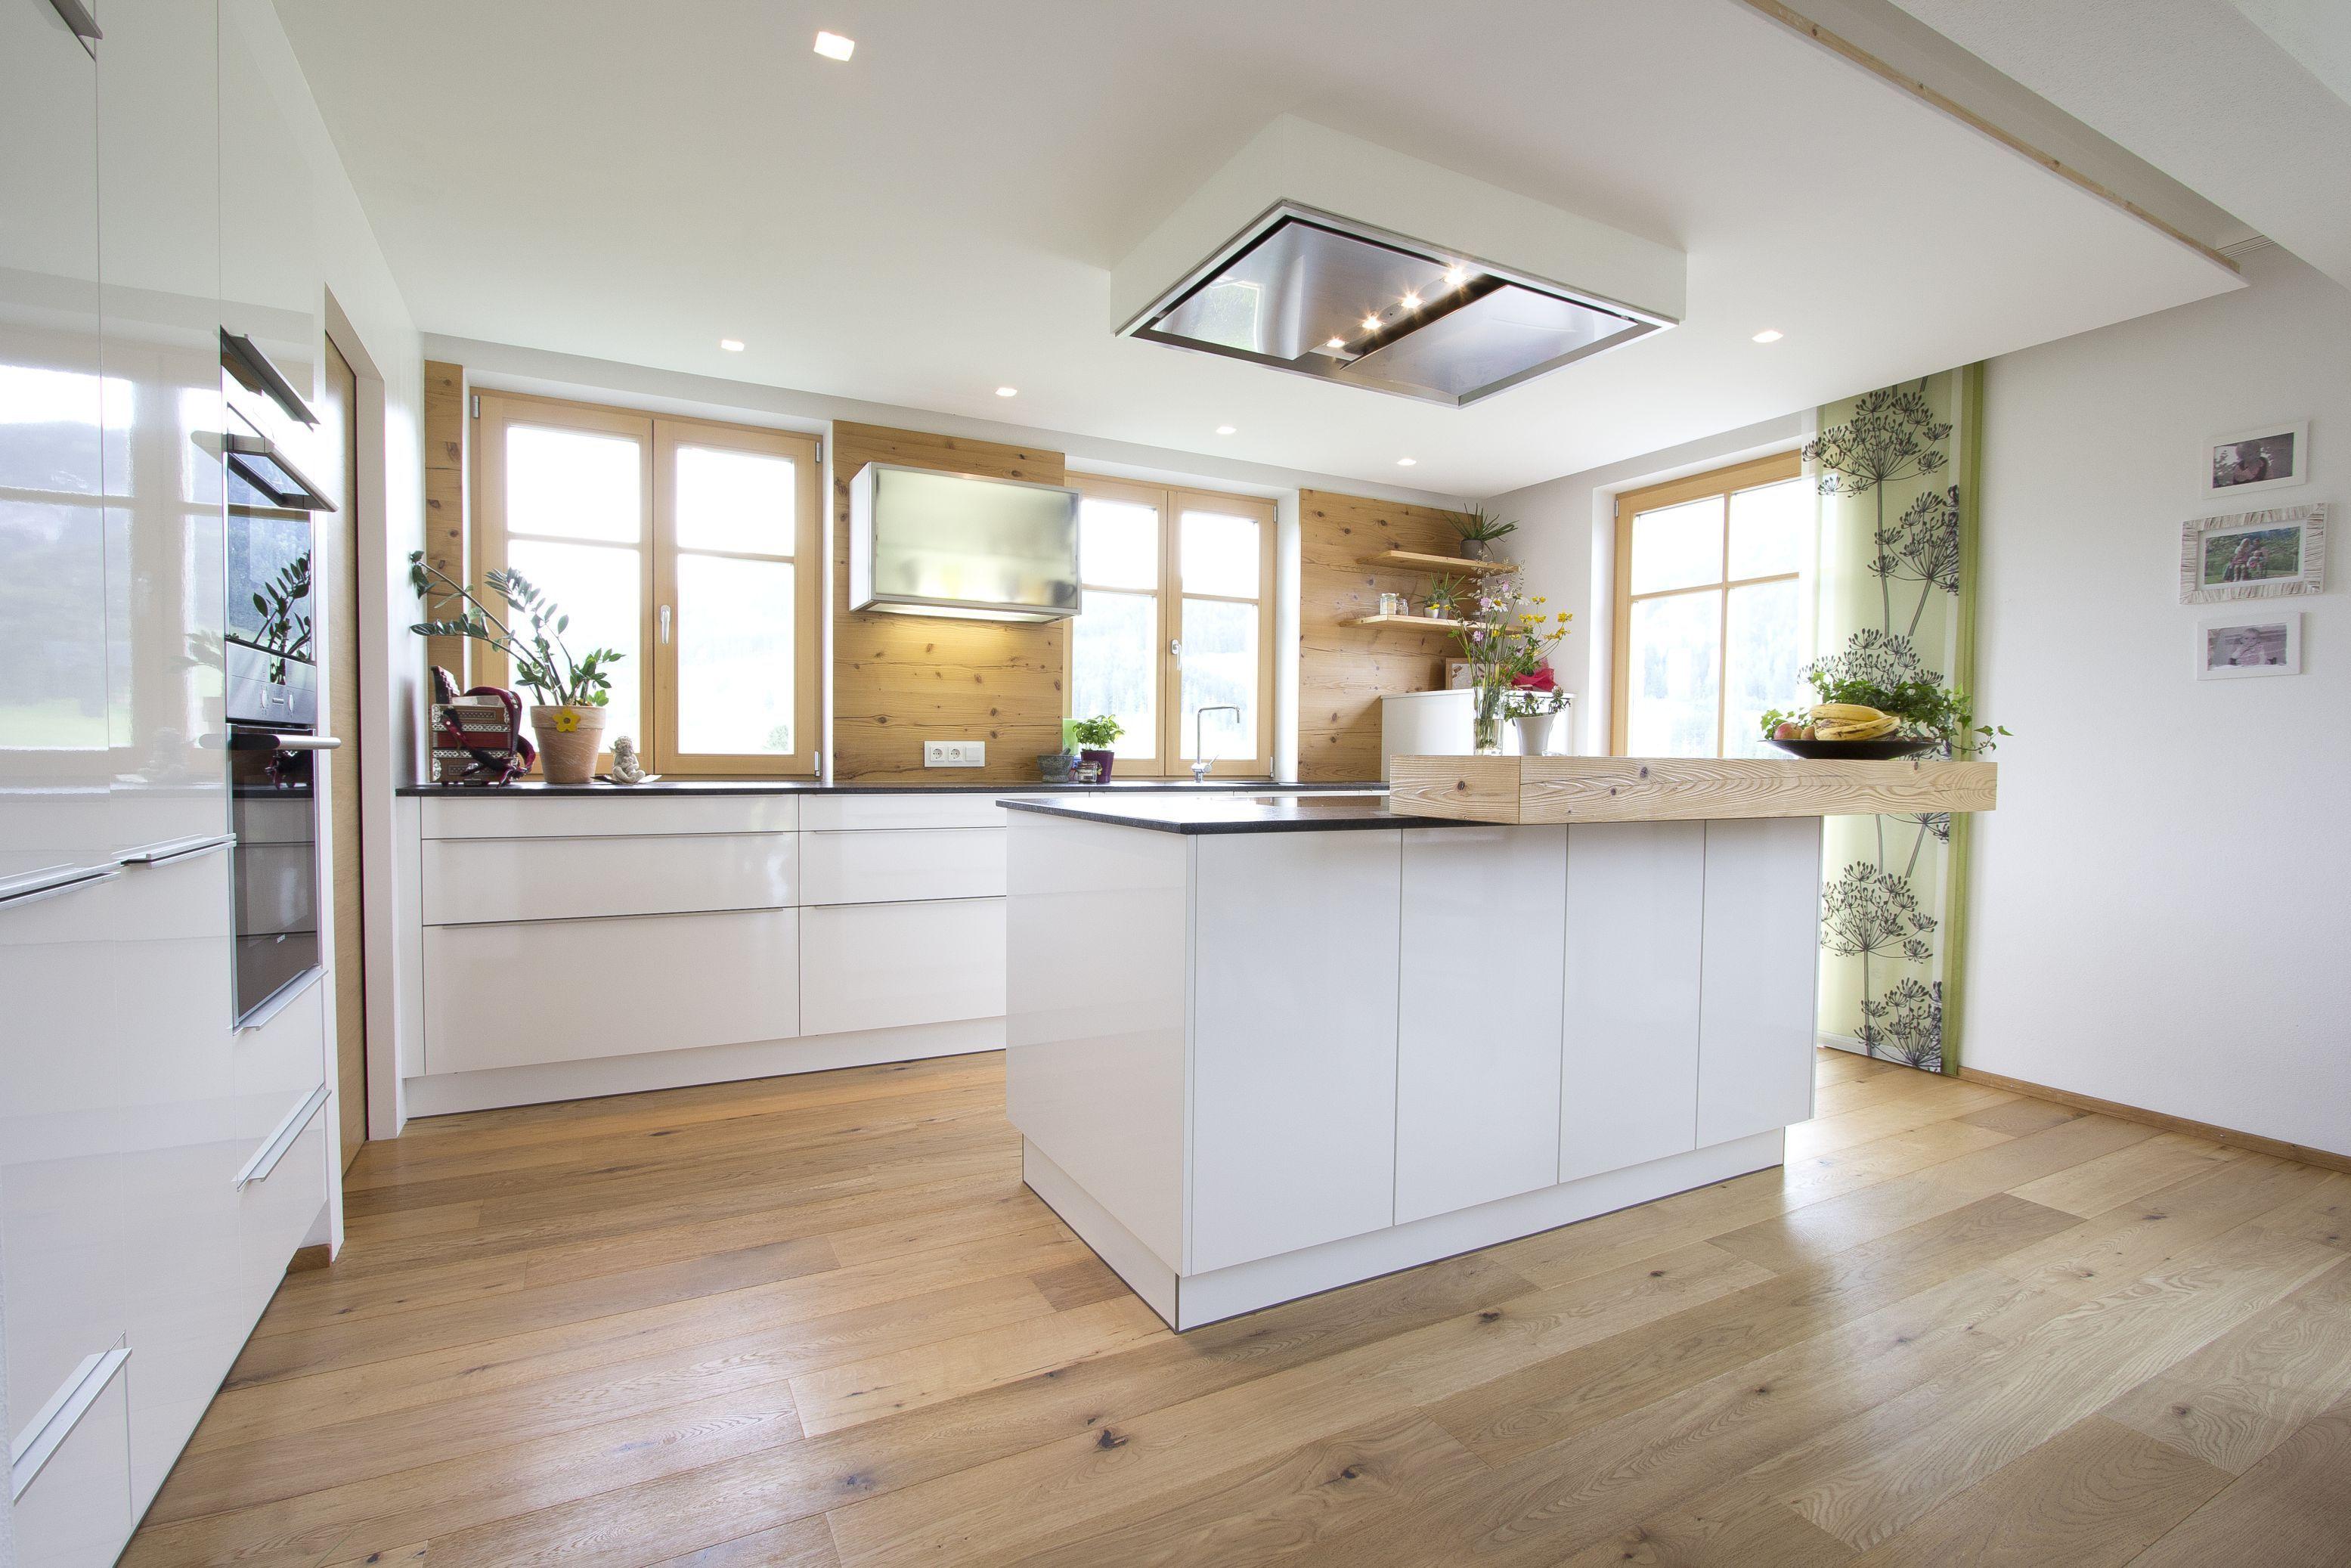 Küche weiß hochglanz, Eichenboden, Elemente aus Altholz, Deckenlüfter offeneküche   Küche ...